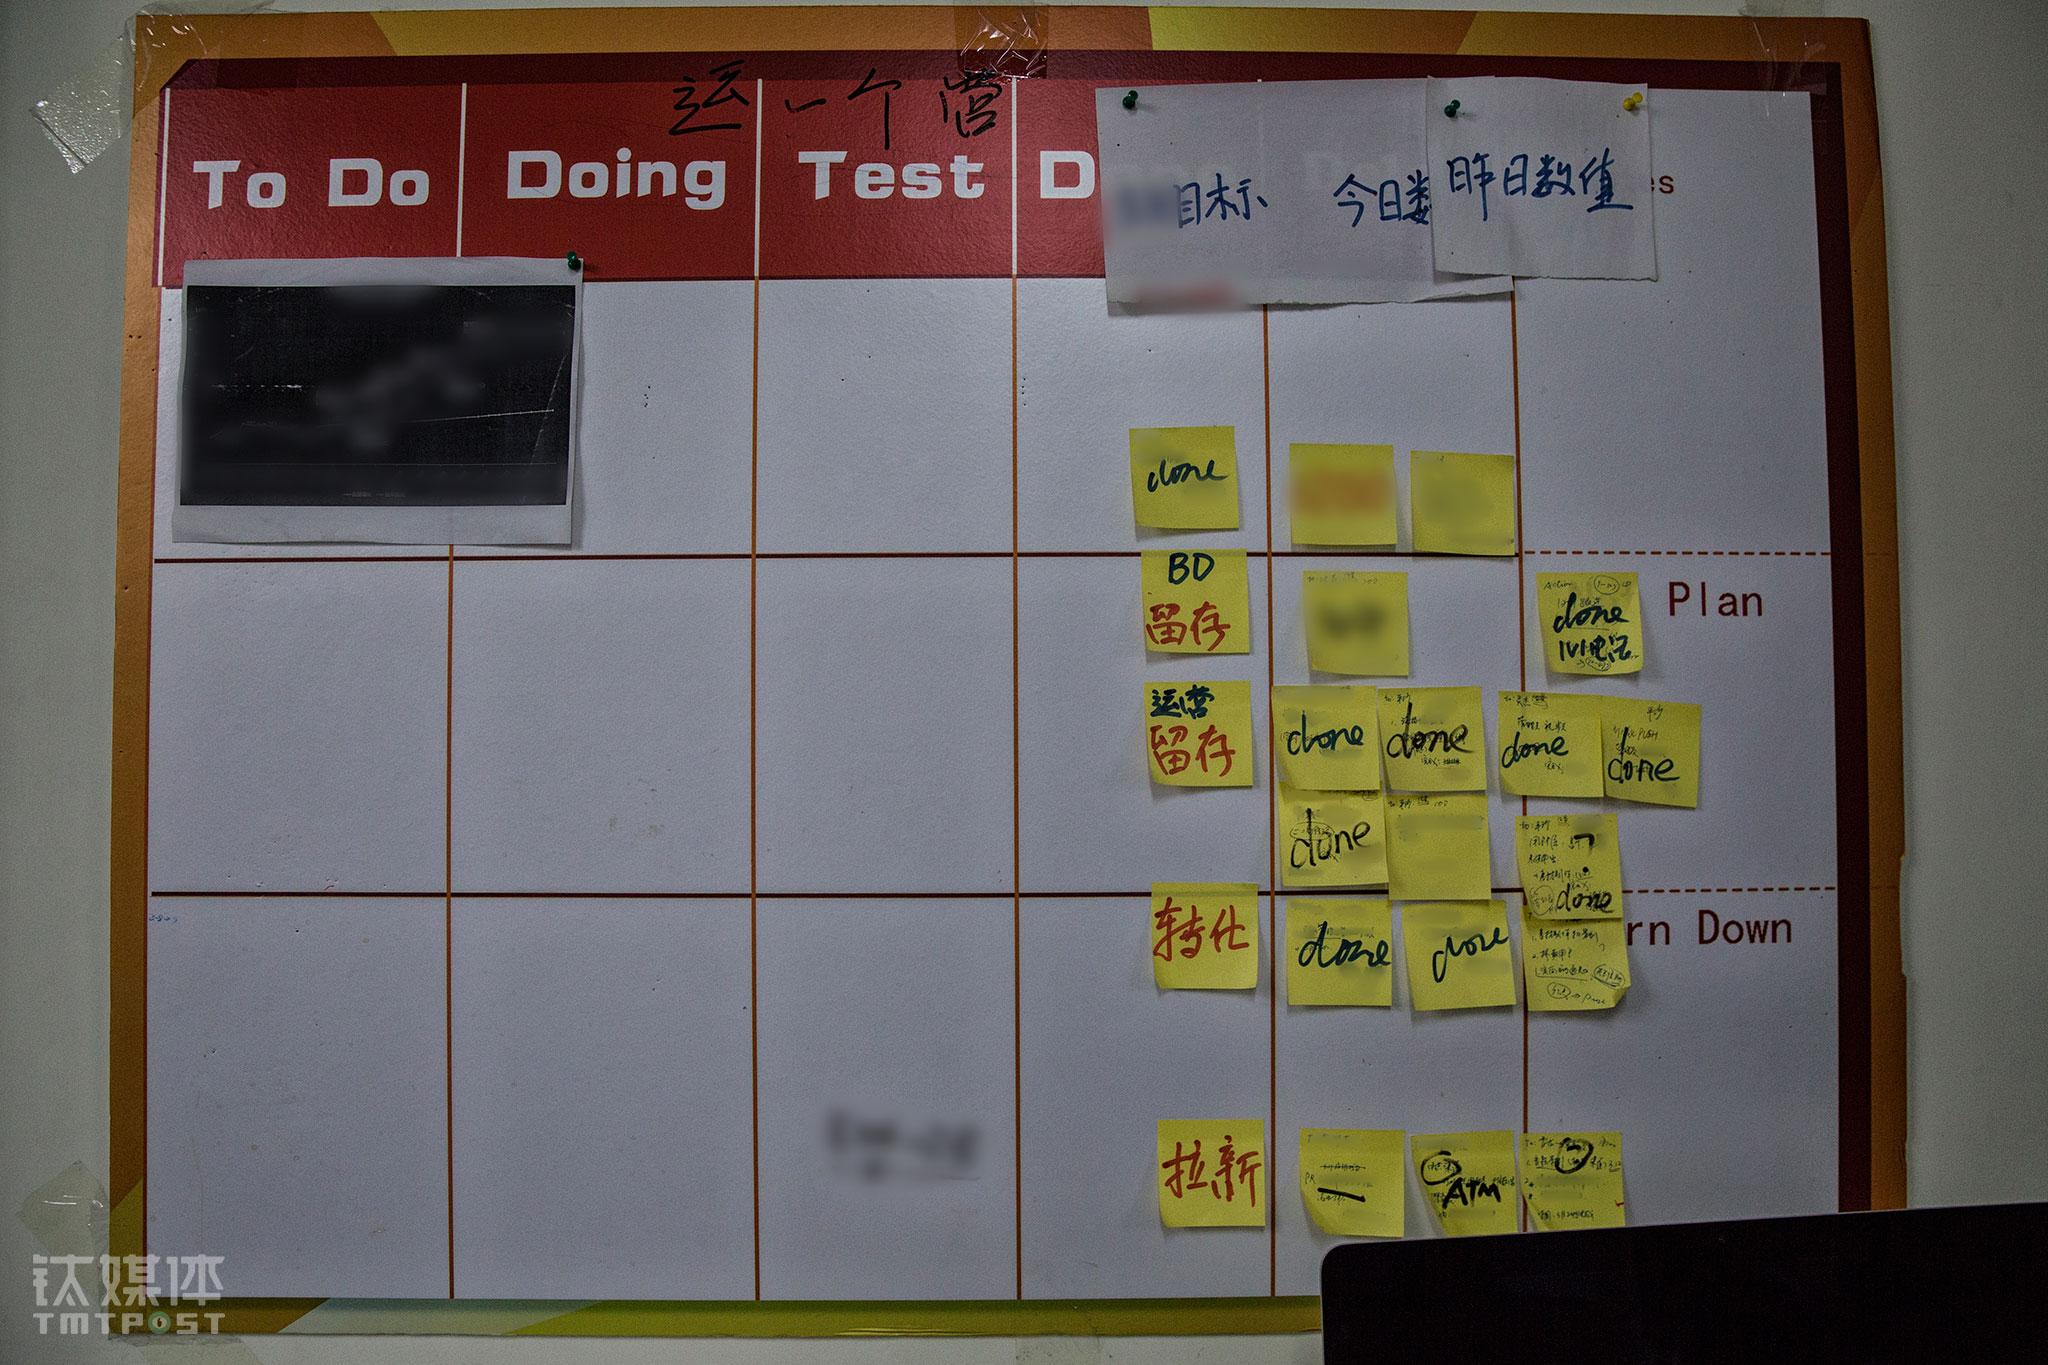 """公寓墙上,钉钉App团队留下的进度,便签上写满了done的字样。每个到这间屋子的项目,都顶着阿里重点项目的光环,每个参与的人,也会承受着的不一样的压力:""""每个人都知道,这间屋子里,就没有失败过的项目,前人的成绩都摆在那里了,我们拼了命也要做成啊。"""" 钉钉VP、硬件团队负责人易统告诉钛媒体《在线》,硬件团队扮演着钉钉开拓者的角色,要推进钉钉的软硬件一体化,推动中小企业以更加酷的方式智能办公,""""这是我们这个小团队的一份荣耀,也是钉钉对我们的一种信任。"""""""